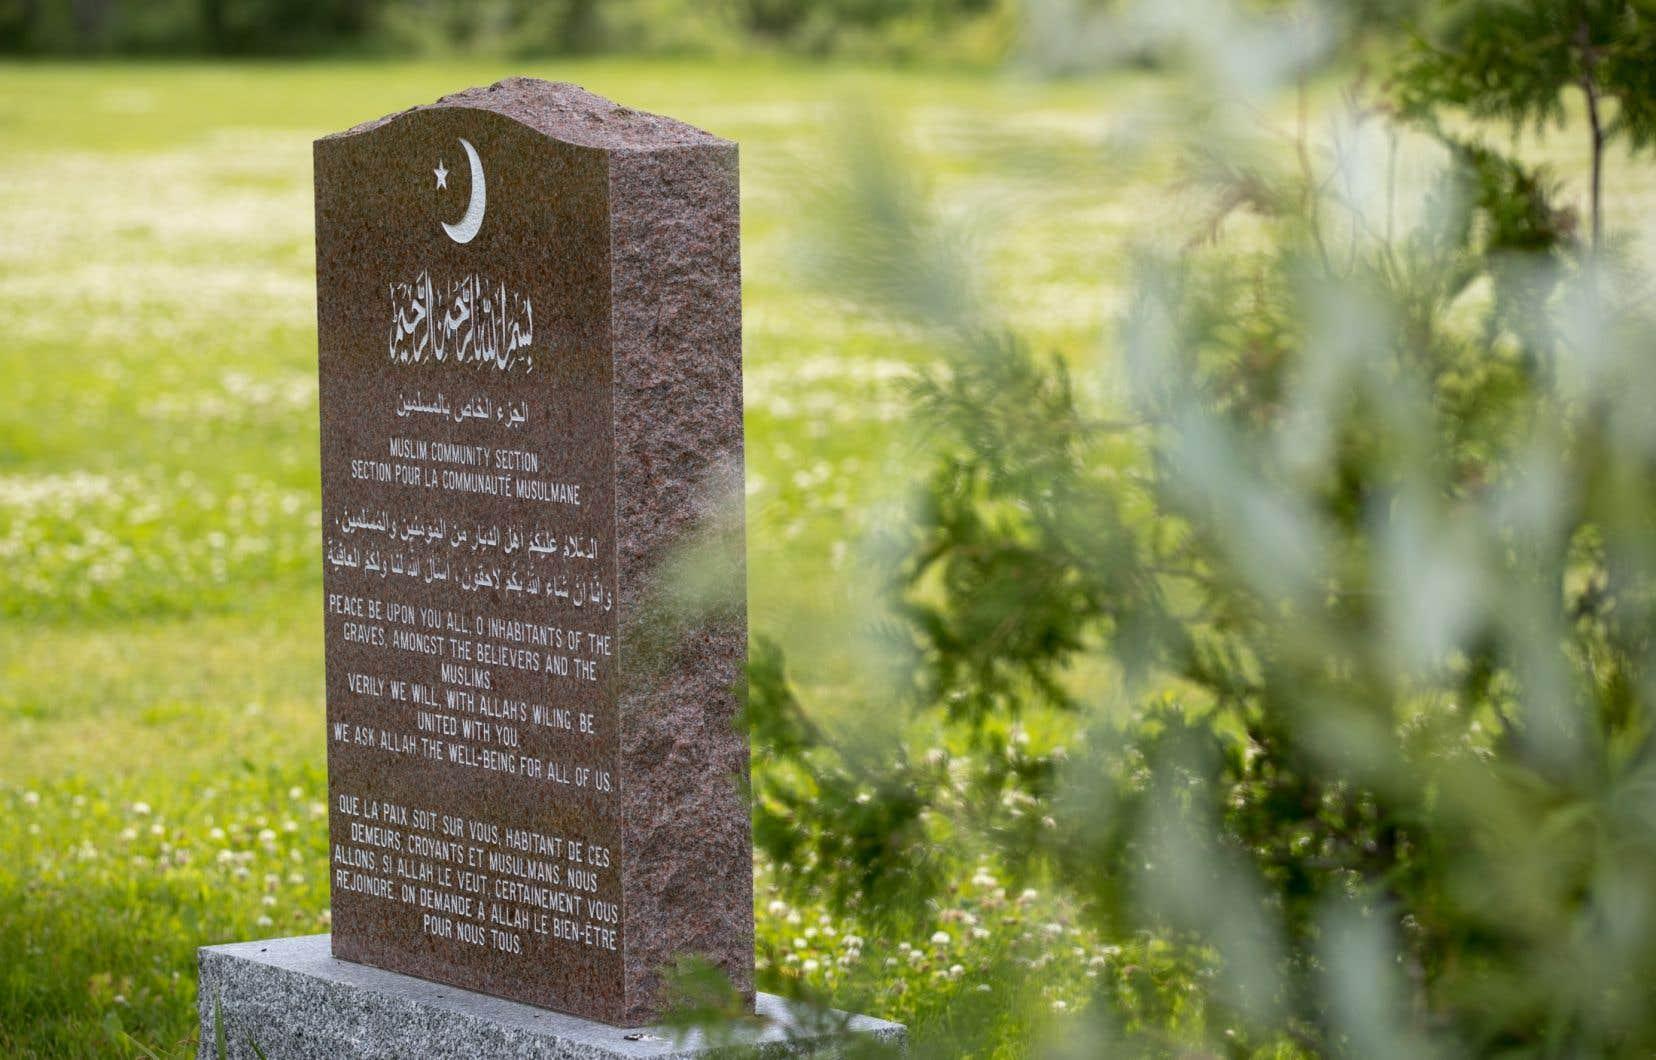 Une fois toutes les étapes franchies, le terrain abritera le premier cimetière dédié à la communauté musulmane dans la capitale.